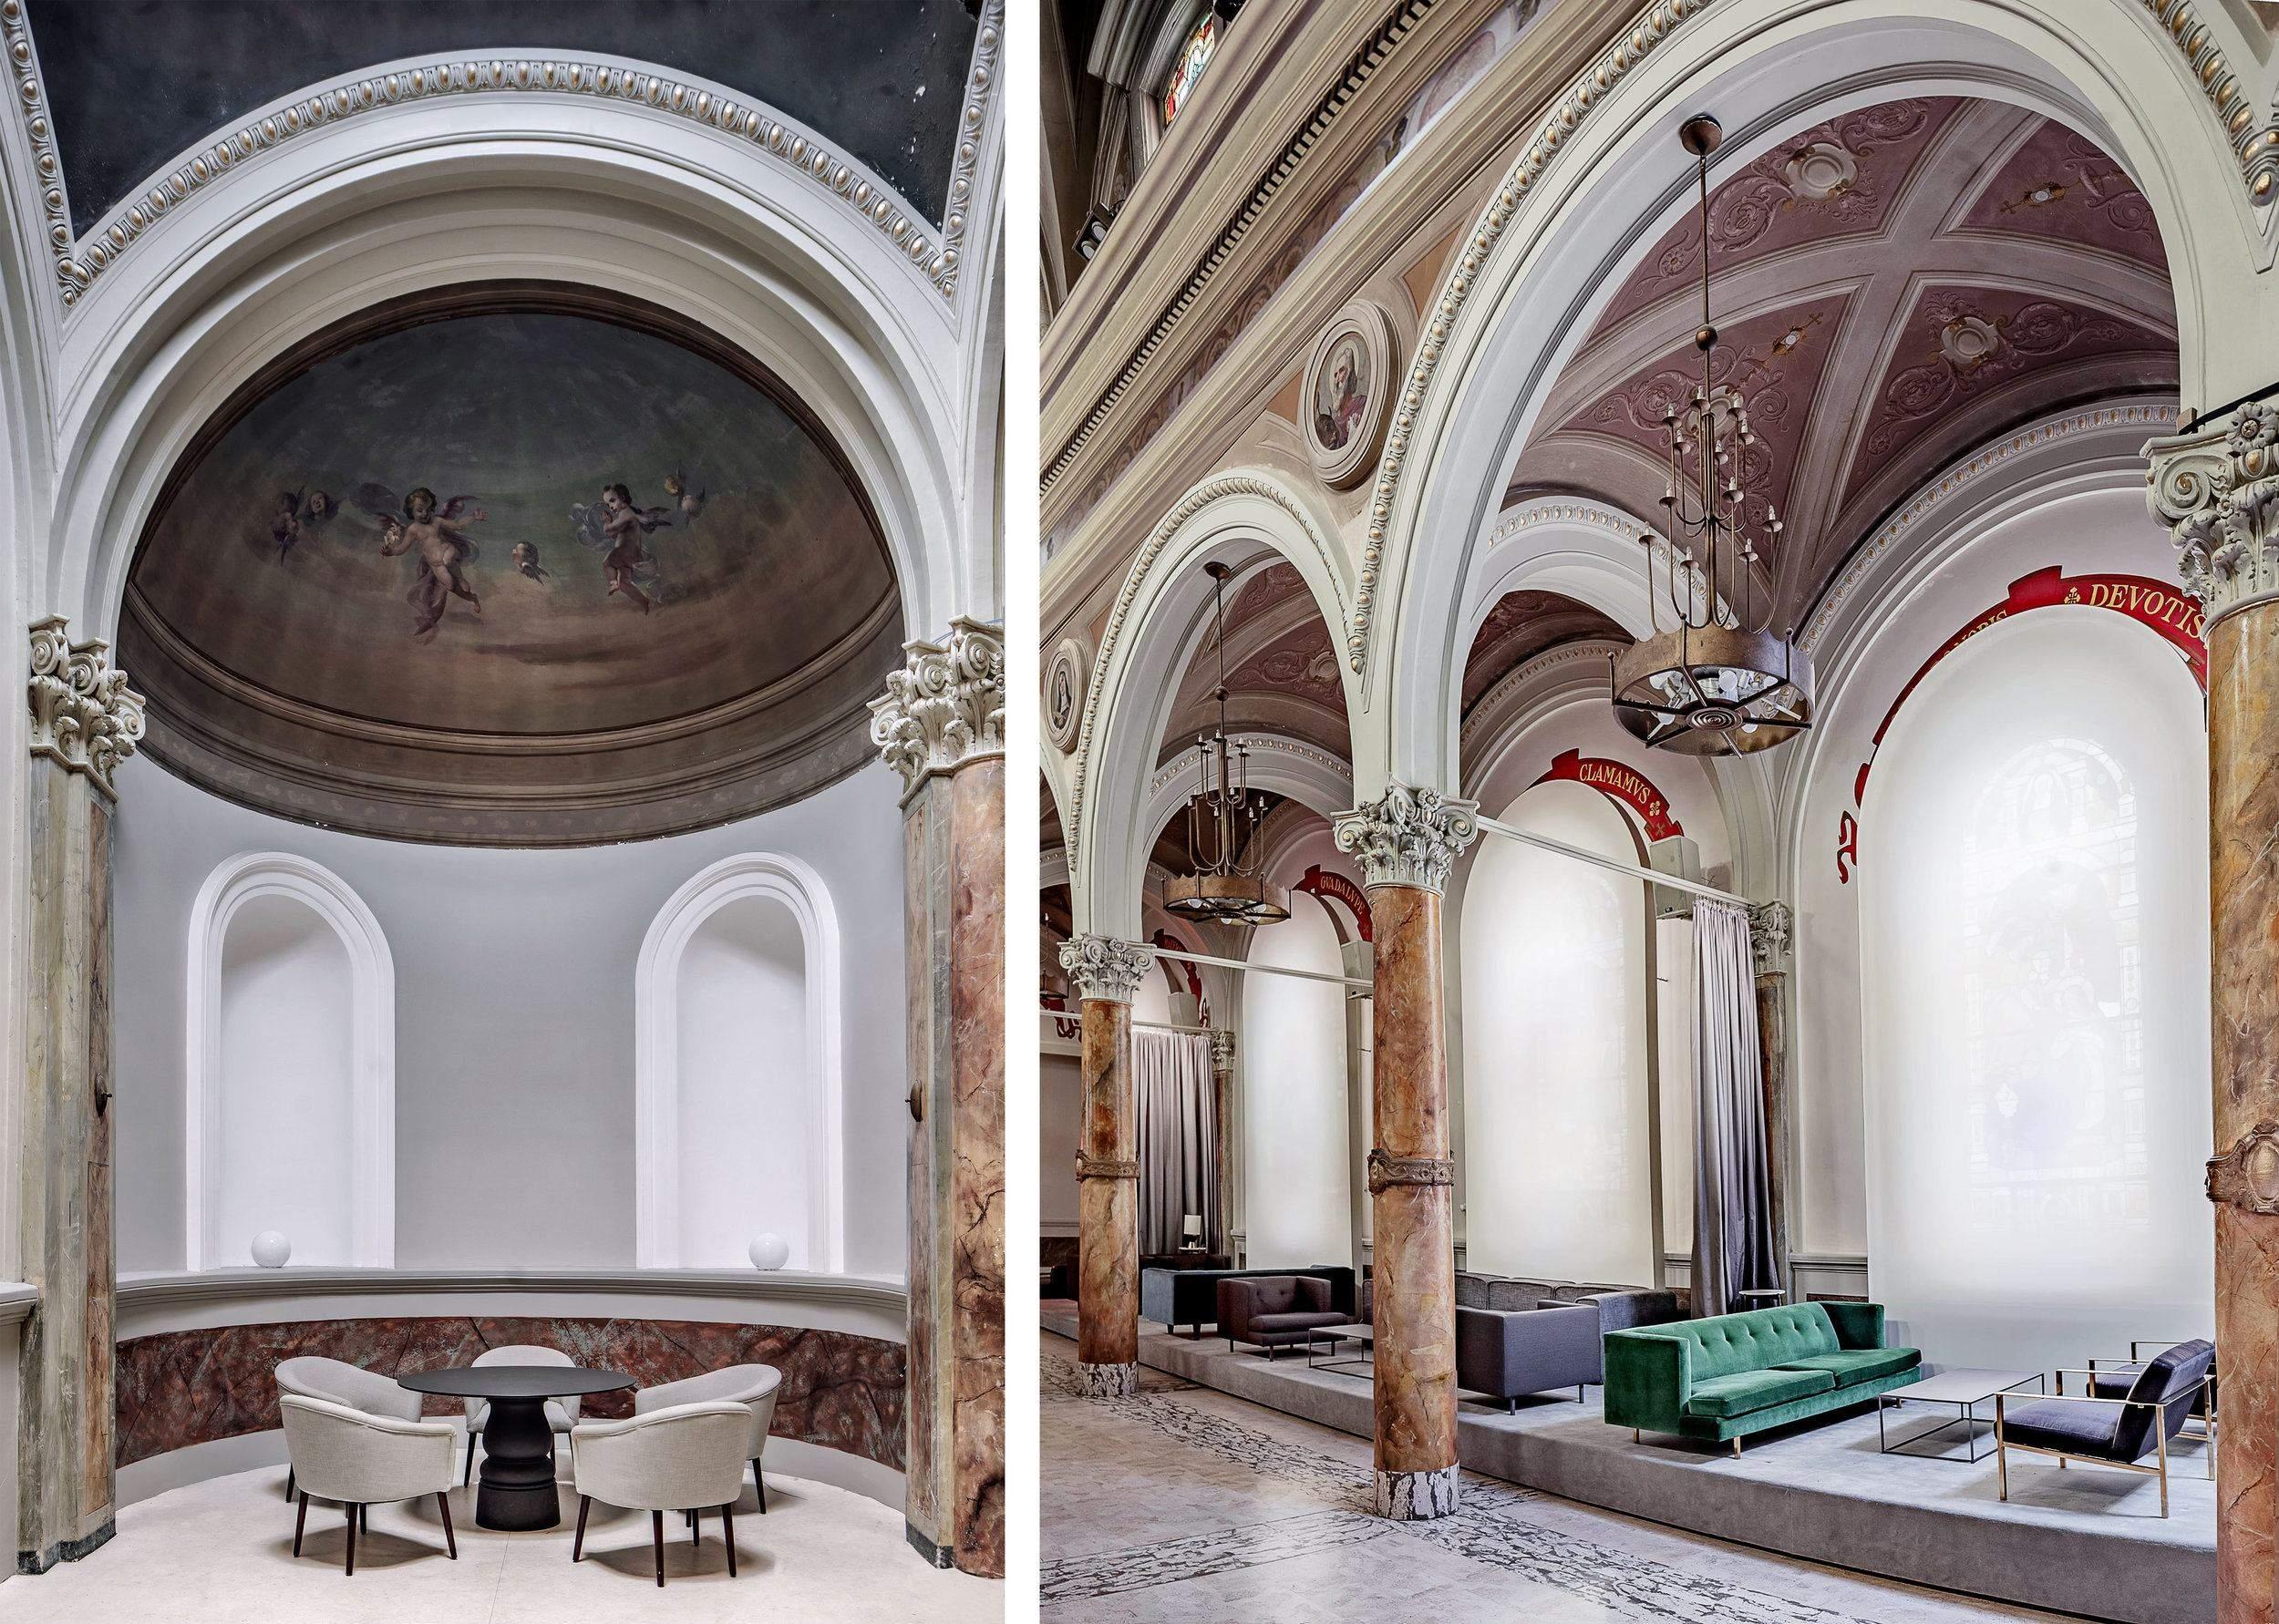 Українське архітектурне бюро перетворило каліфорнійську церкву на сучасний культурний центр